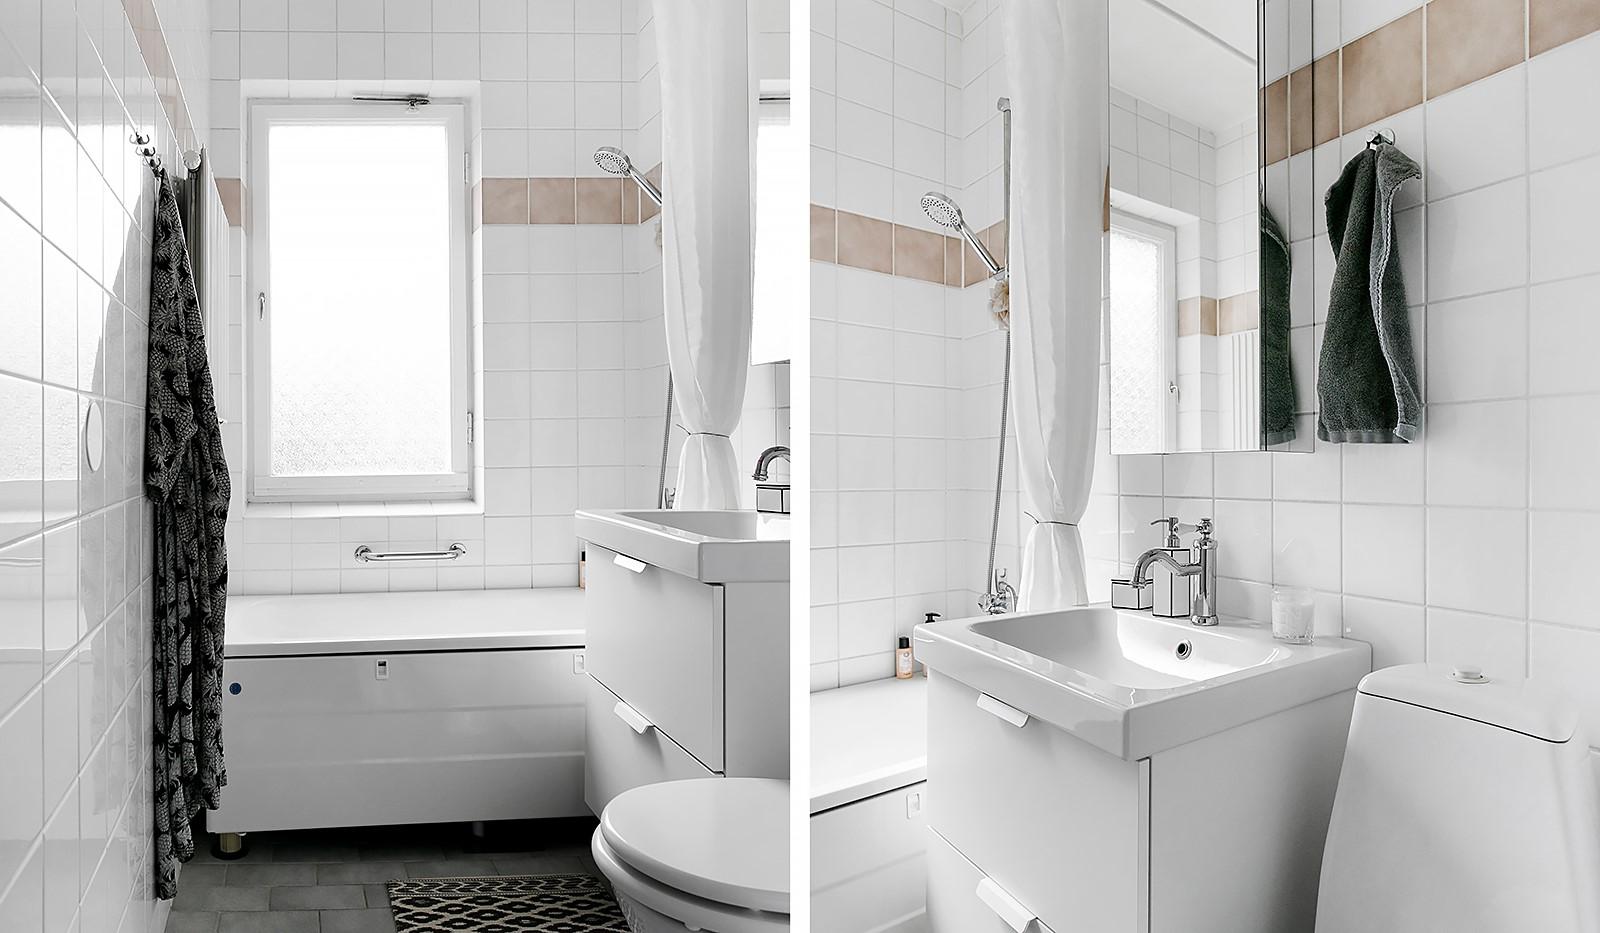 Kolbäcksgränd 28, 2 tr - Helkaklat badrum med fönster